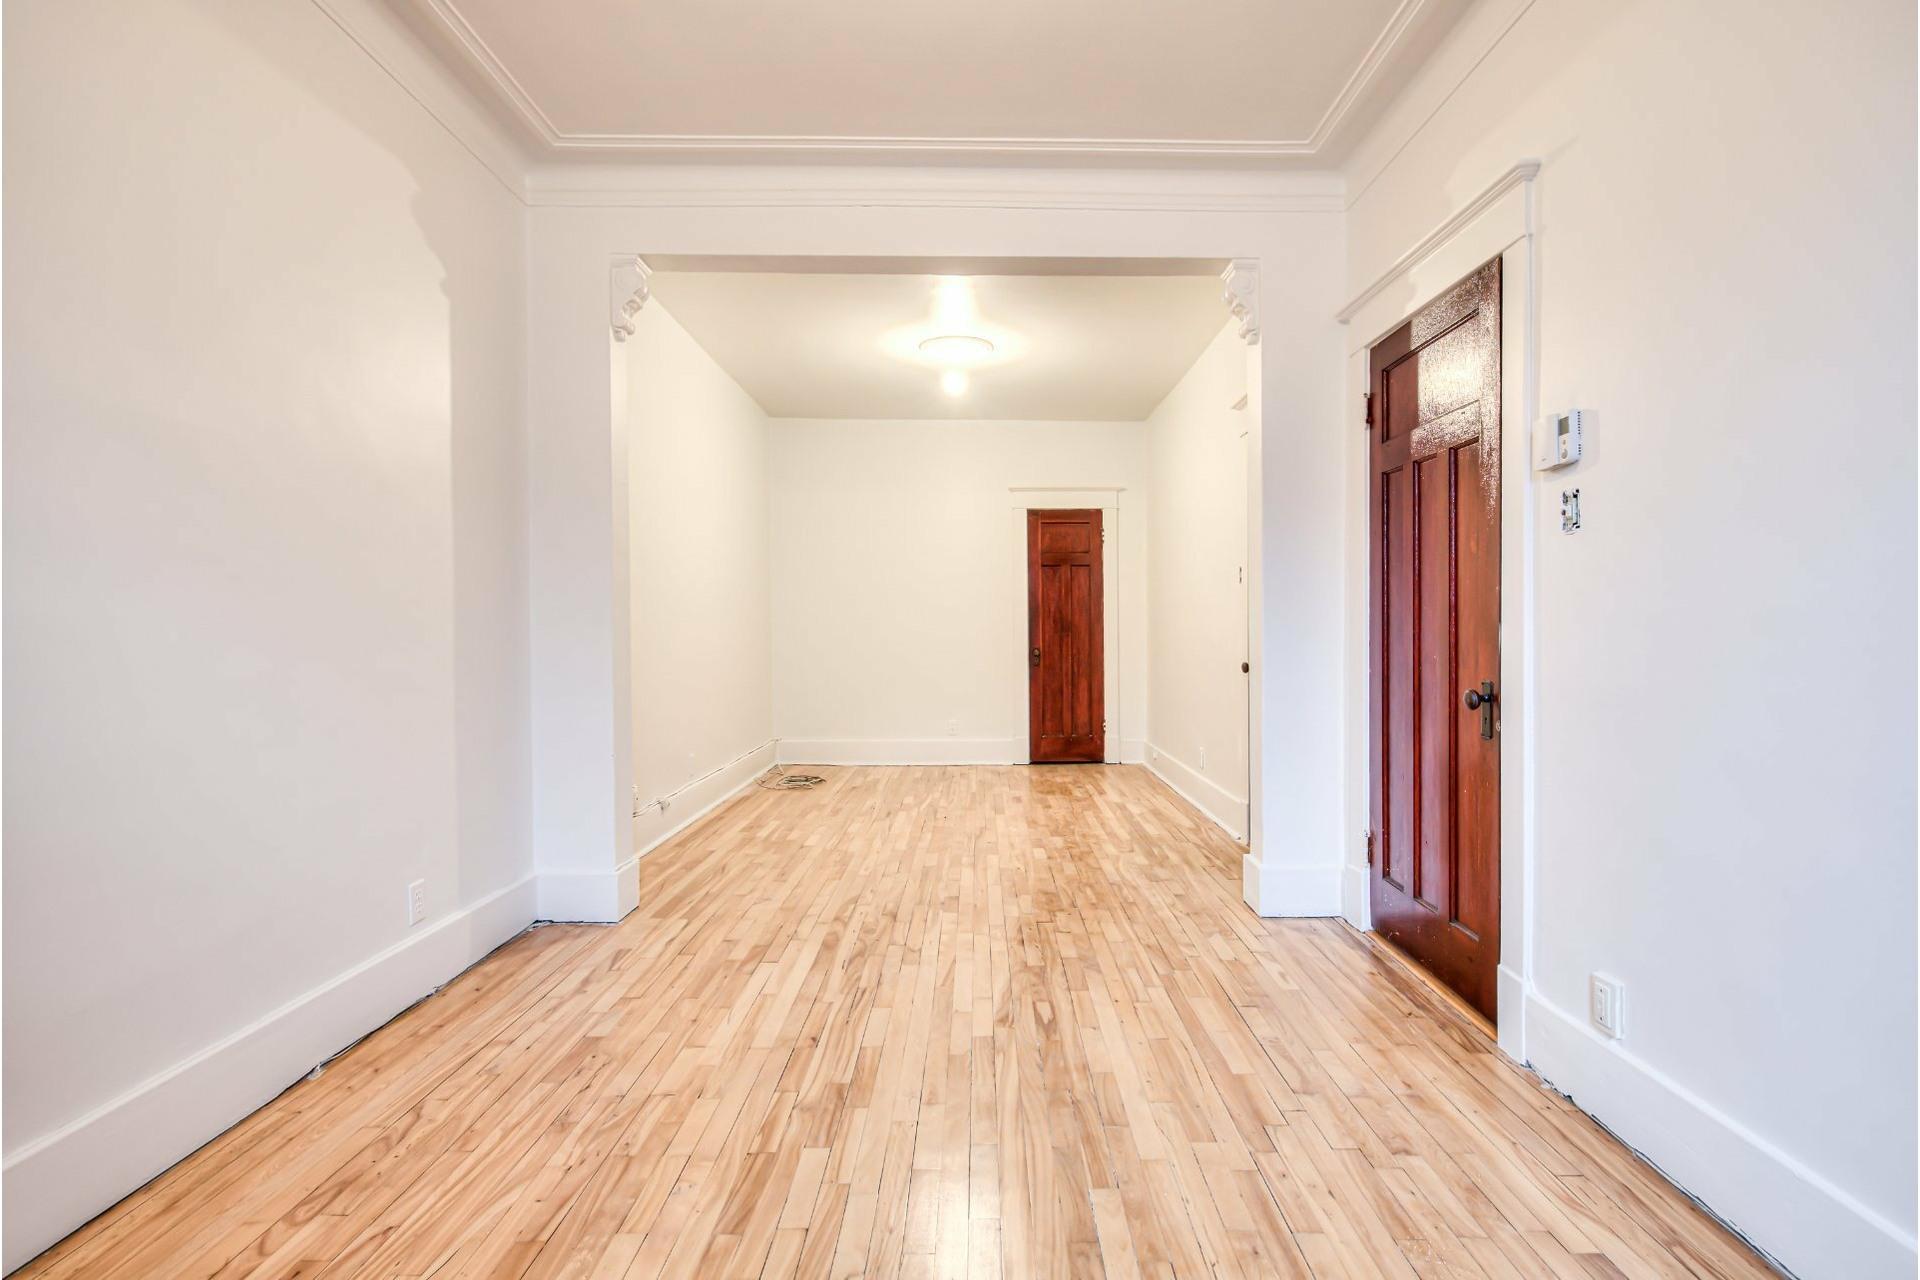 image 22 - Triplex For sale Le Sud-Ouest Montréal  - 4 rooms